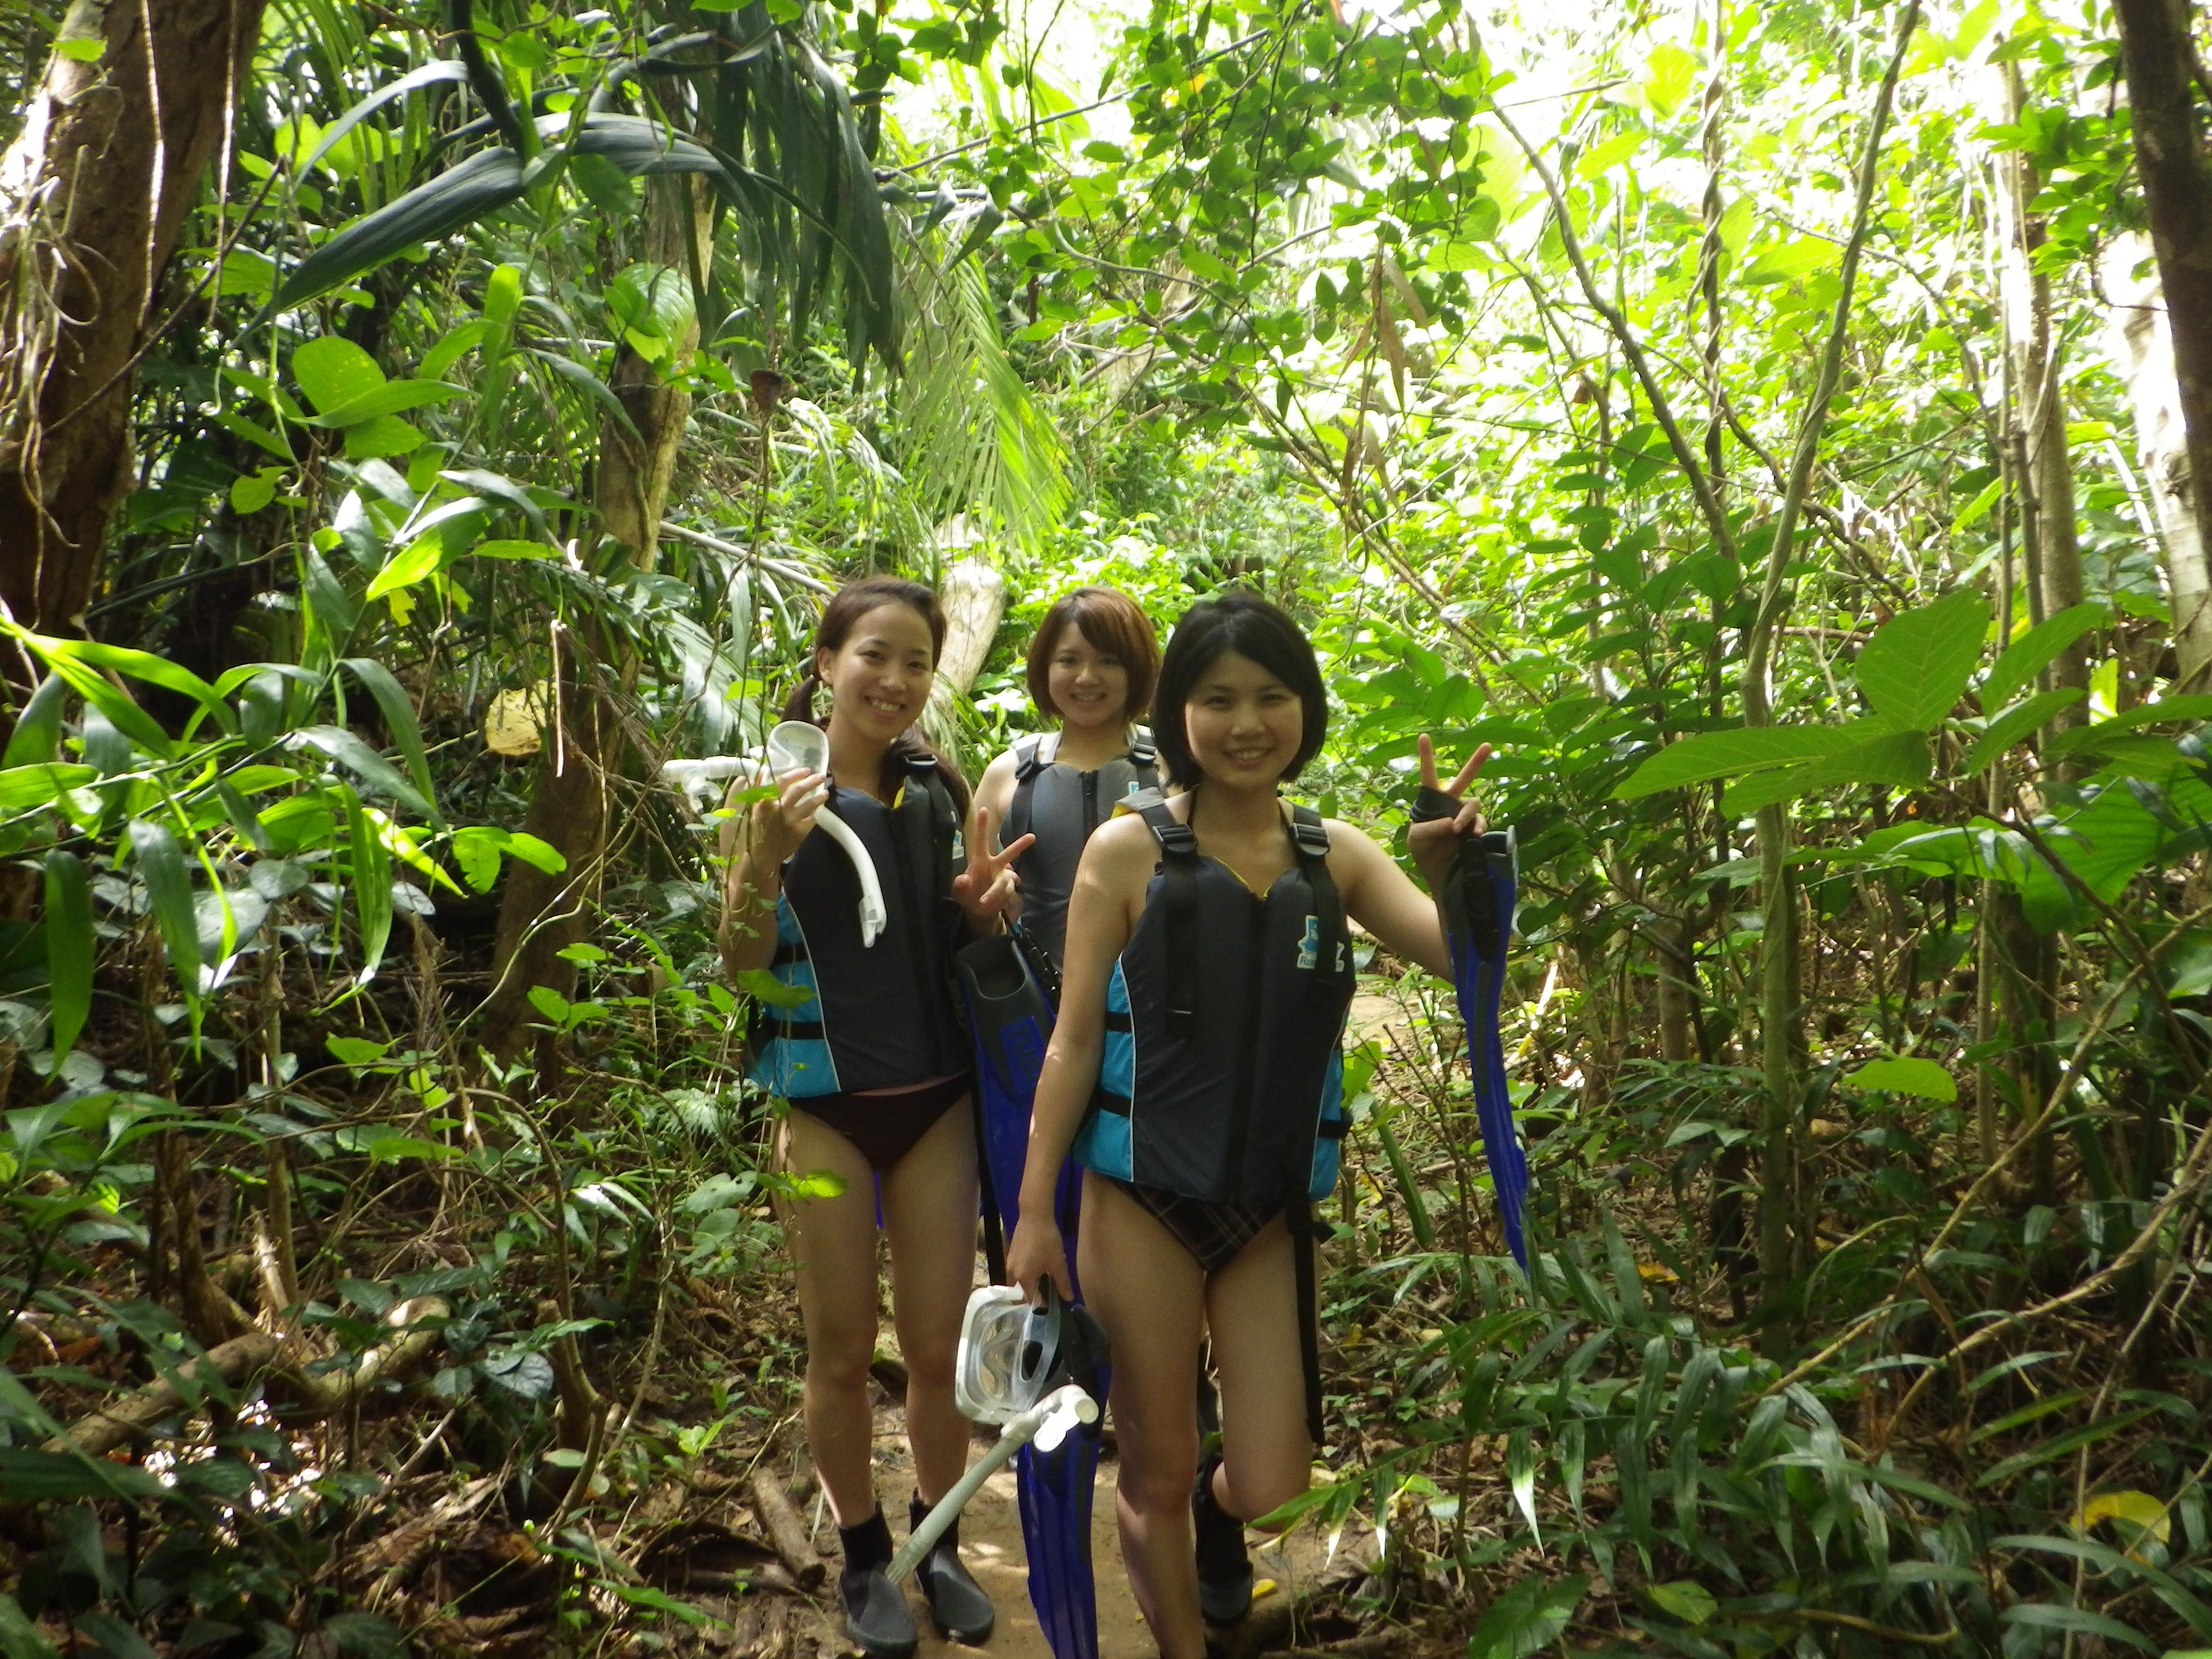 石垣島の亜熱帯のジャングルを進んで行くと